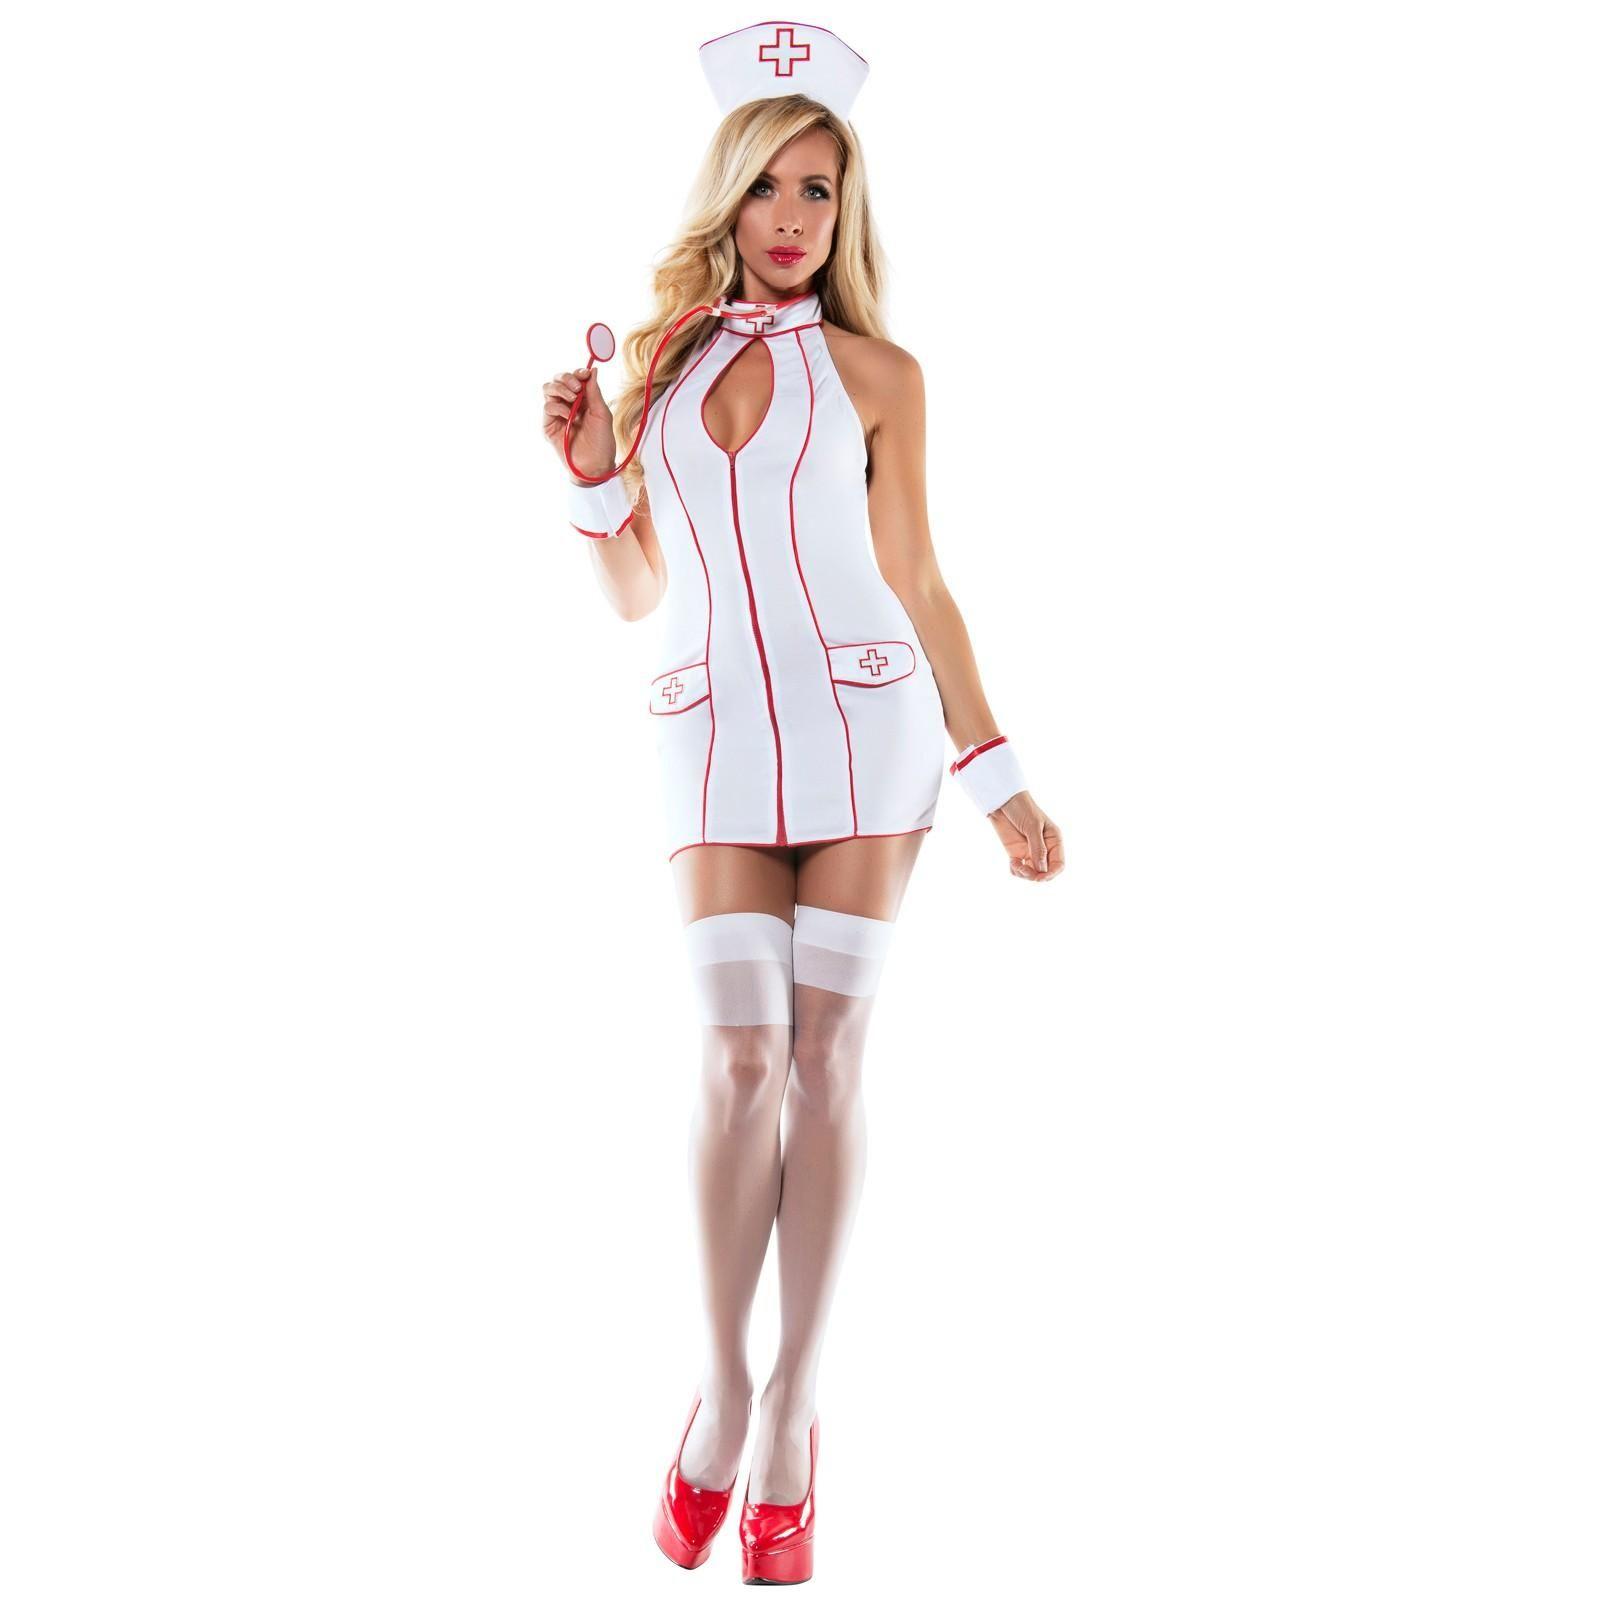 wives-blonde-teen-nurse-photos